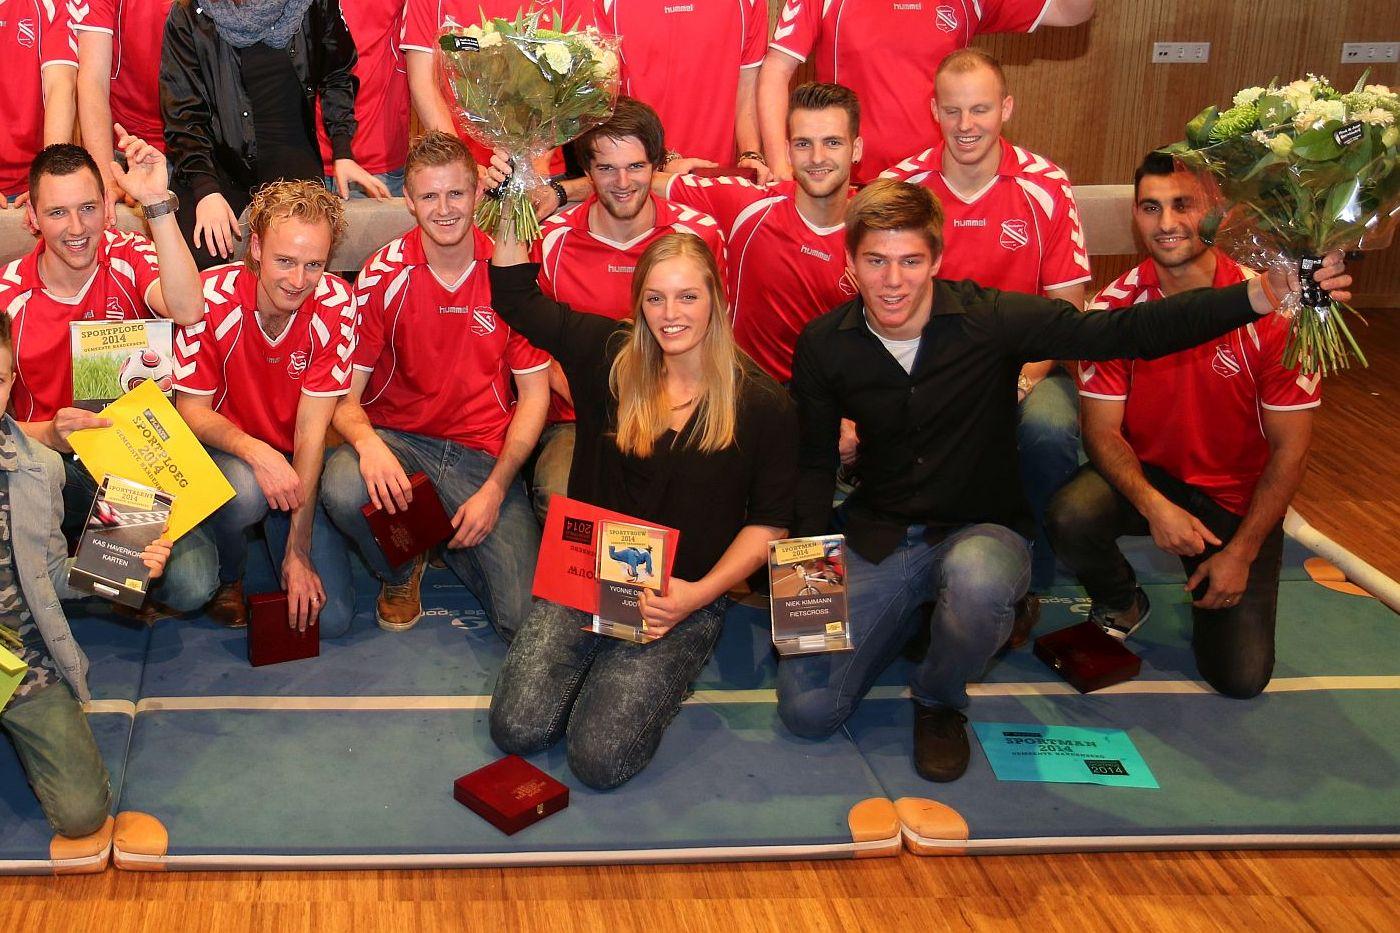 Sportverkiezing Hberg 2014 alle winnaars a